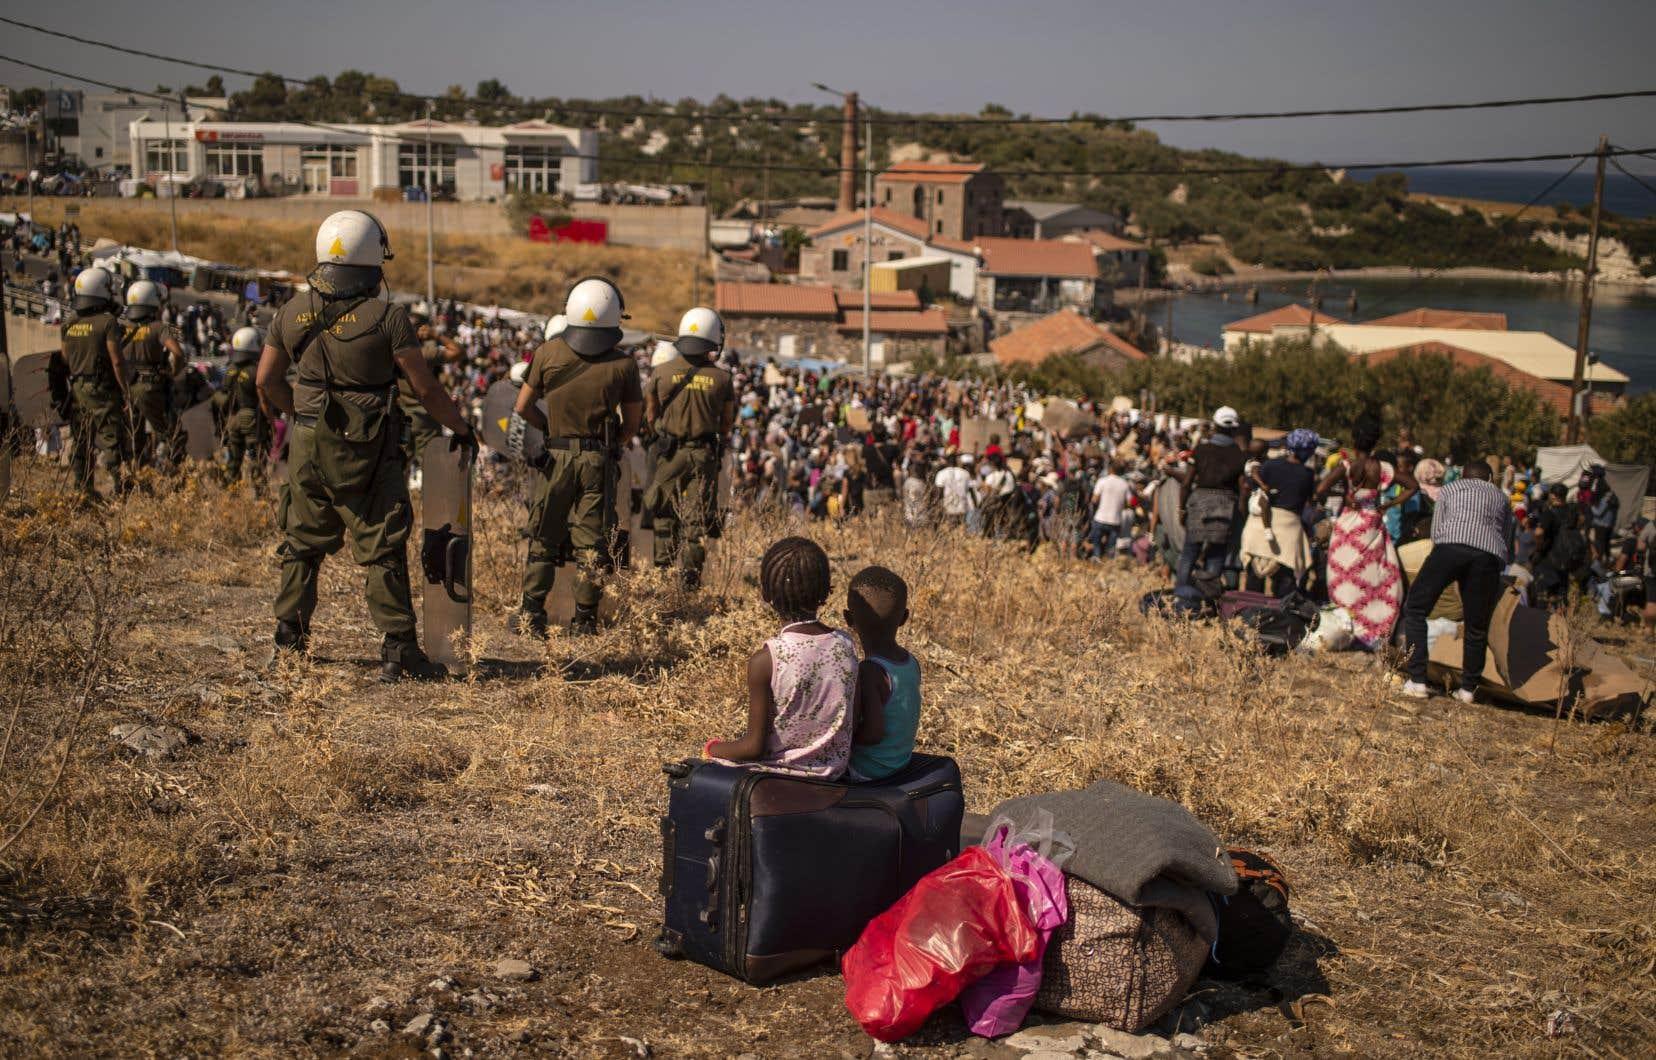 Un millier de demandeurs d'asile sans abri ont manifesté vendredi après-midi à Lesbos, réclamant de quitter l'île grecque.